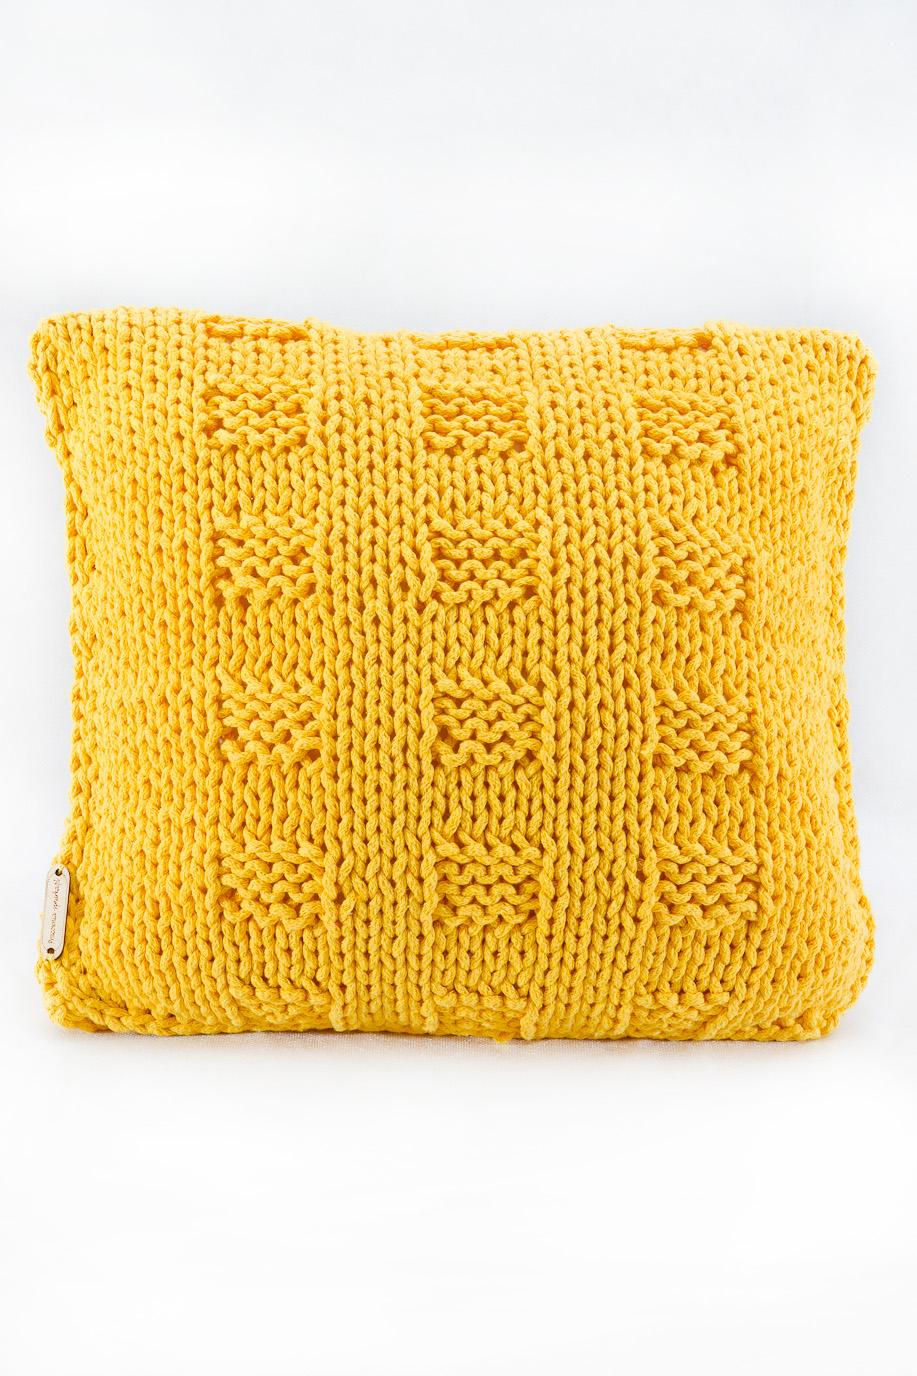 Dekoracyjna Poduszka Ze Sznurka Bawełnianego żółta Szachownica